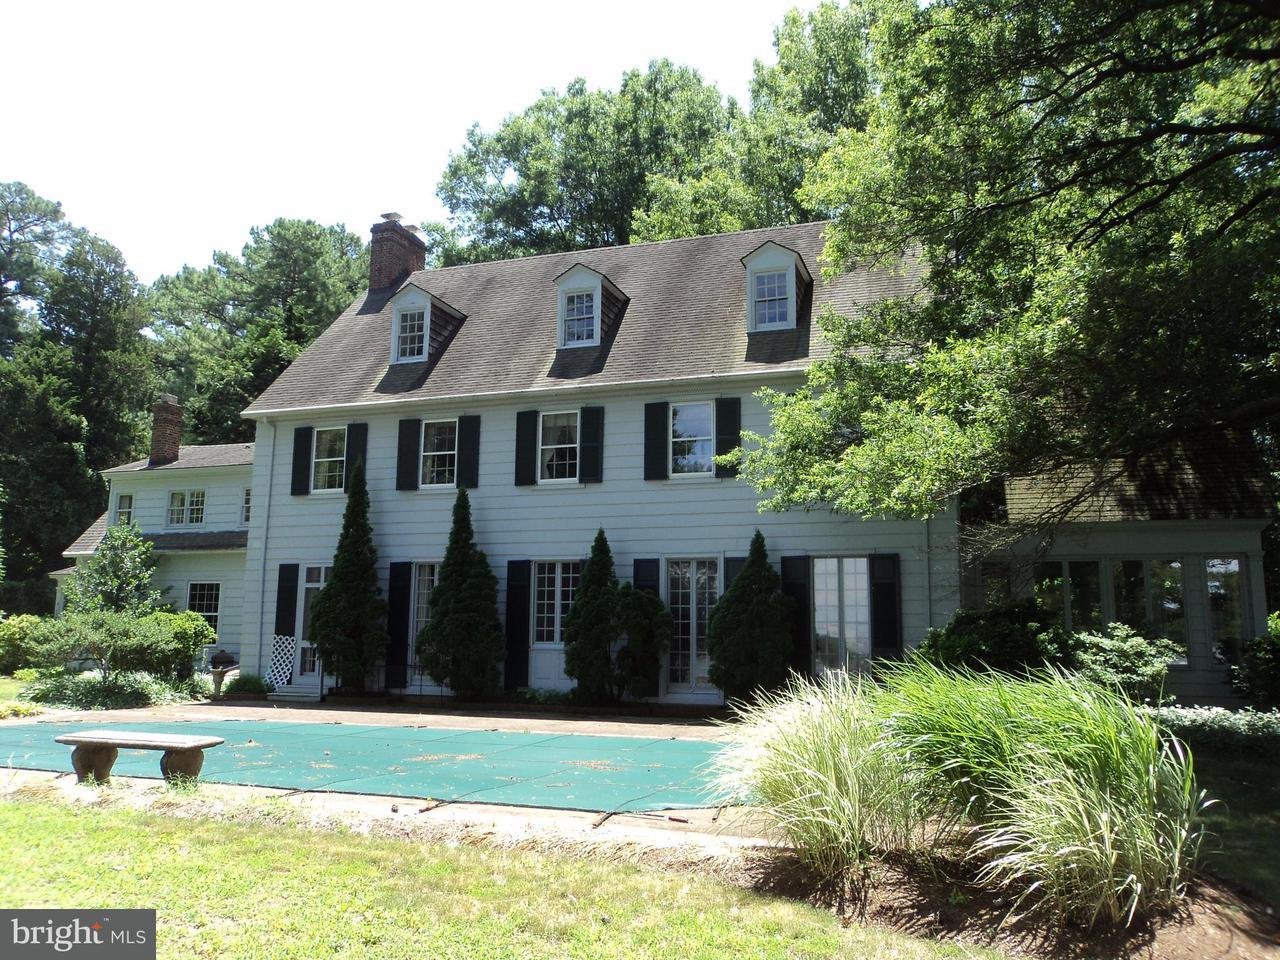 Maison unifamiliale pour l Vente à 8620ET AL. DONCASTER Road 8620ET AL. DONCASTER Road Easton, Maryland 21601 États-Unis